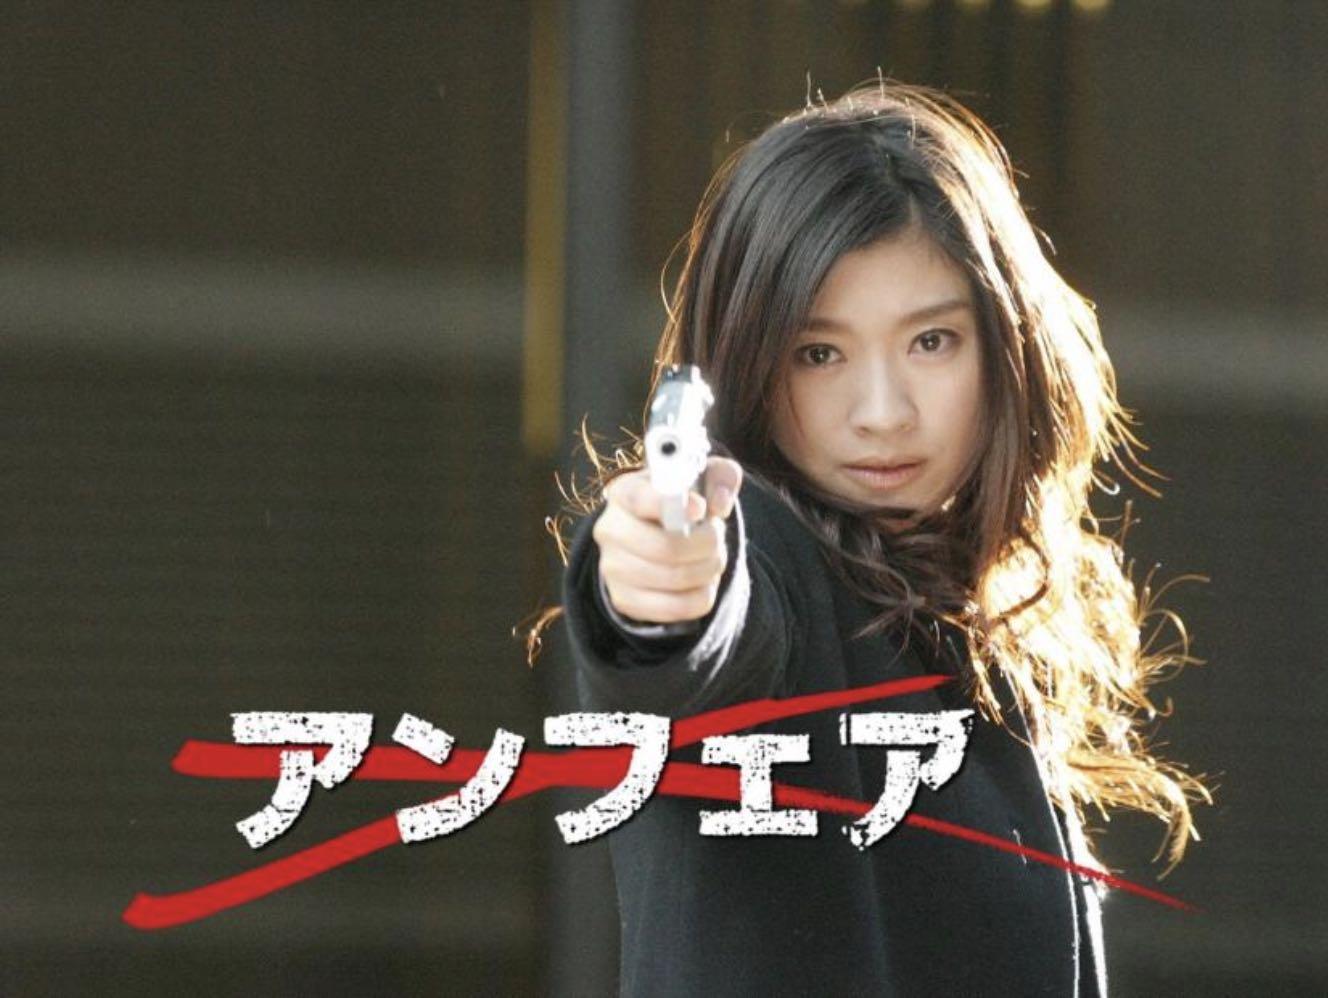 アンフェア(全シリーズ)1話〜最終回の動画全話を無料視聴する方法を調査!